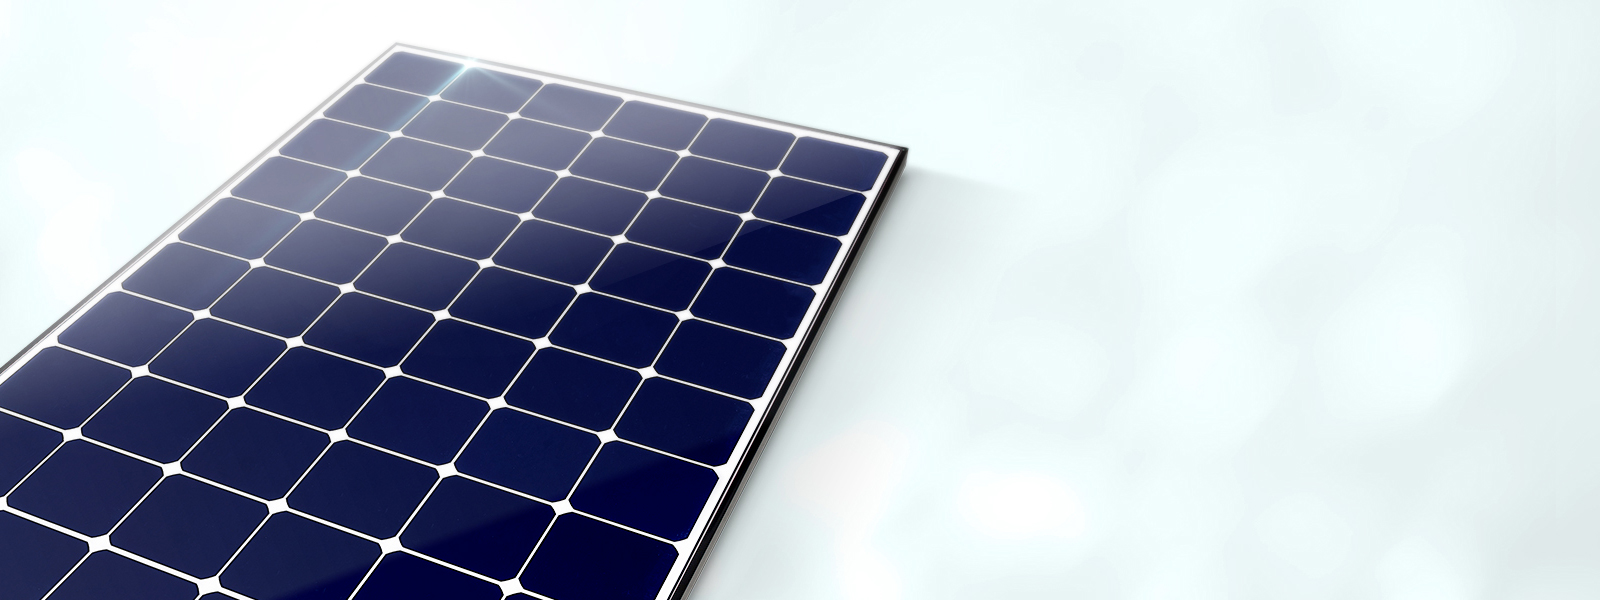 LG Solar Dealer - PSW Energy